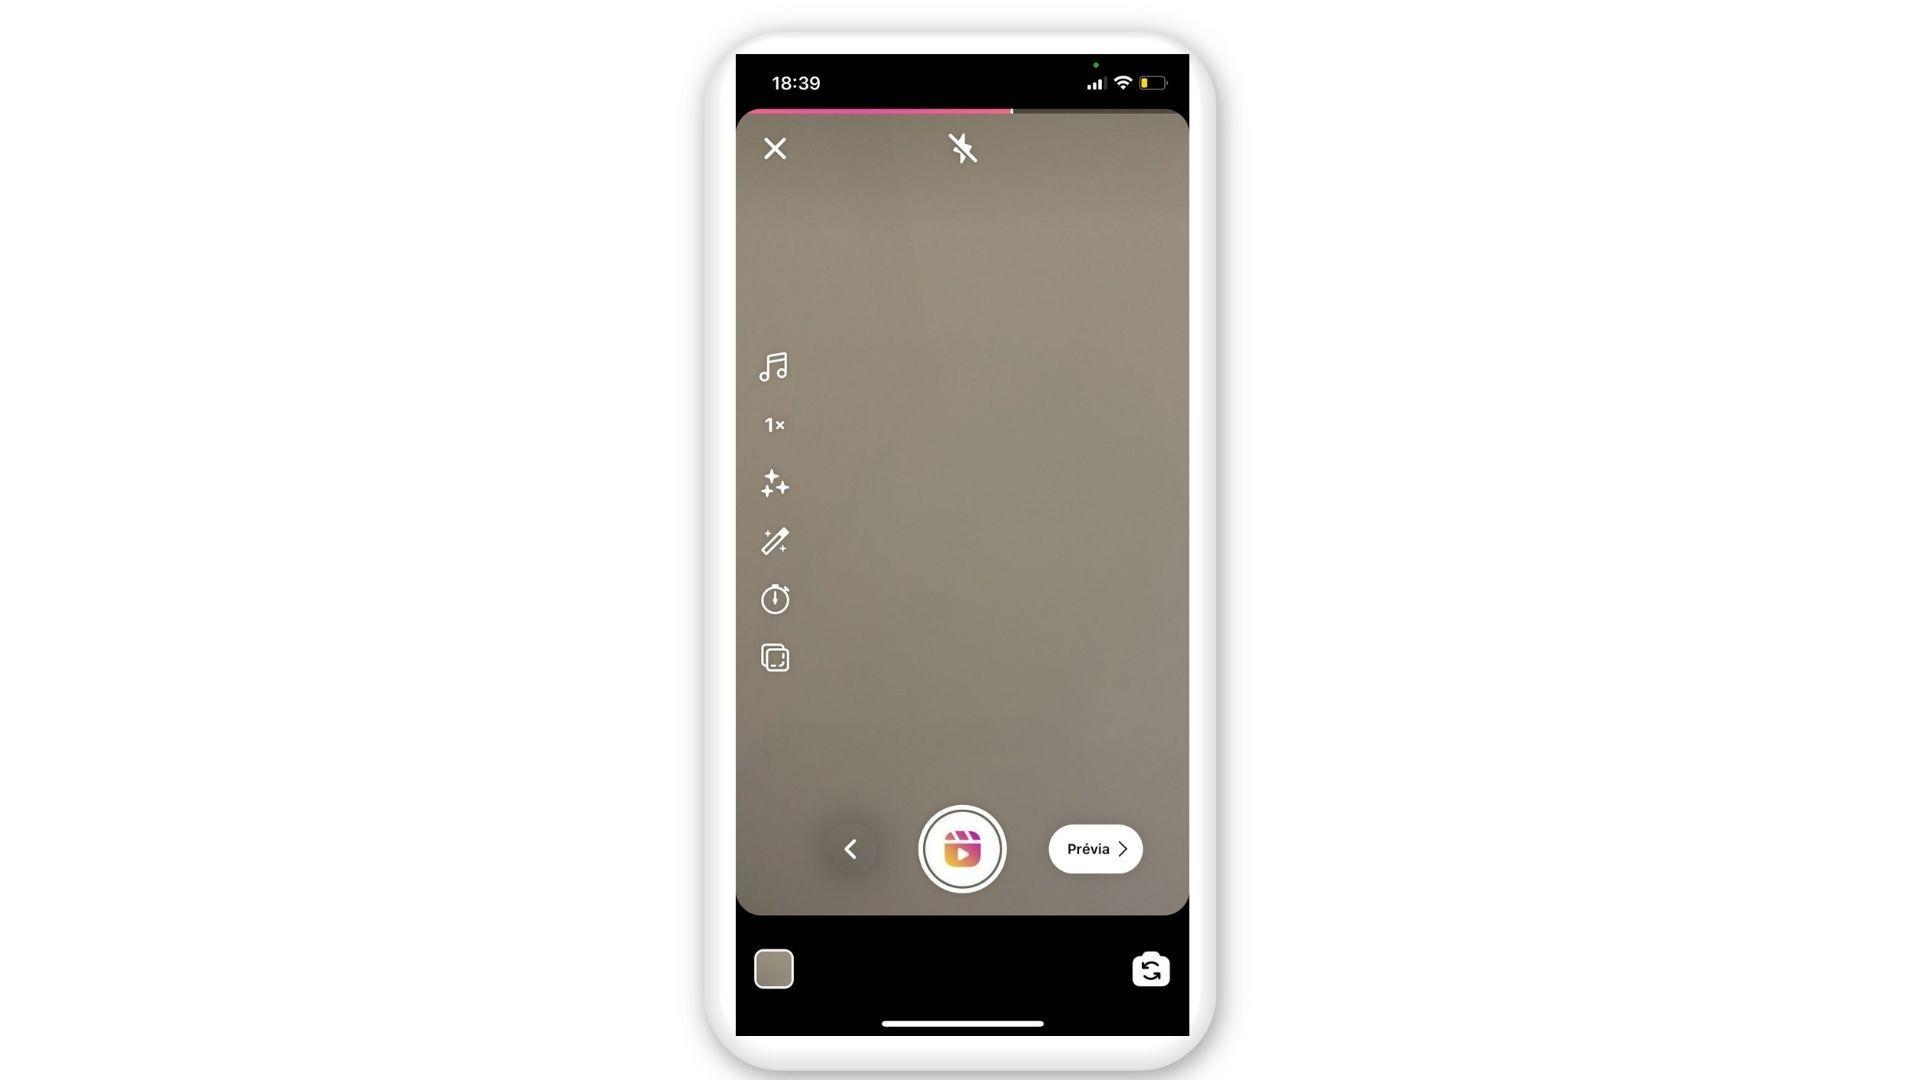 """Print mostra etapa final e opção de """"Prévia"""" em uma tela de celular com fundo branco"""